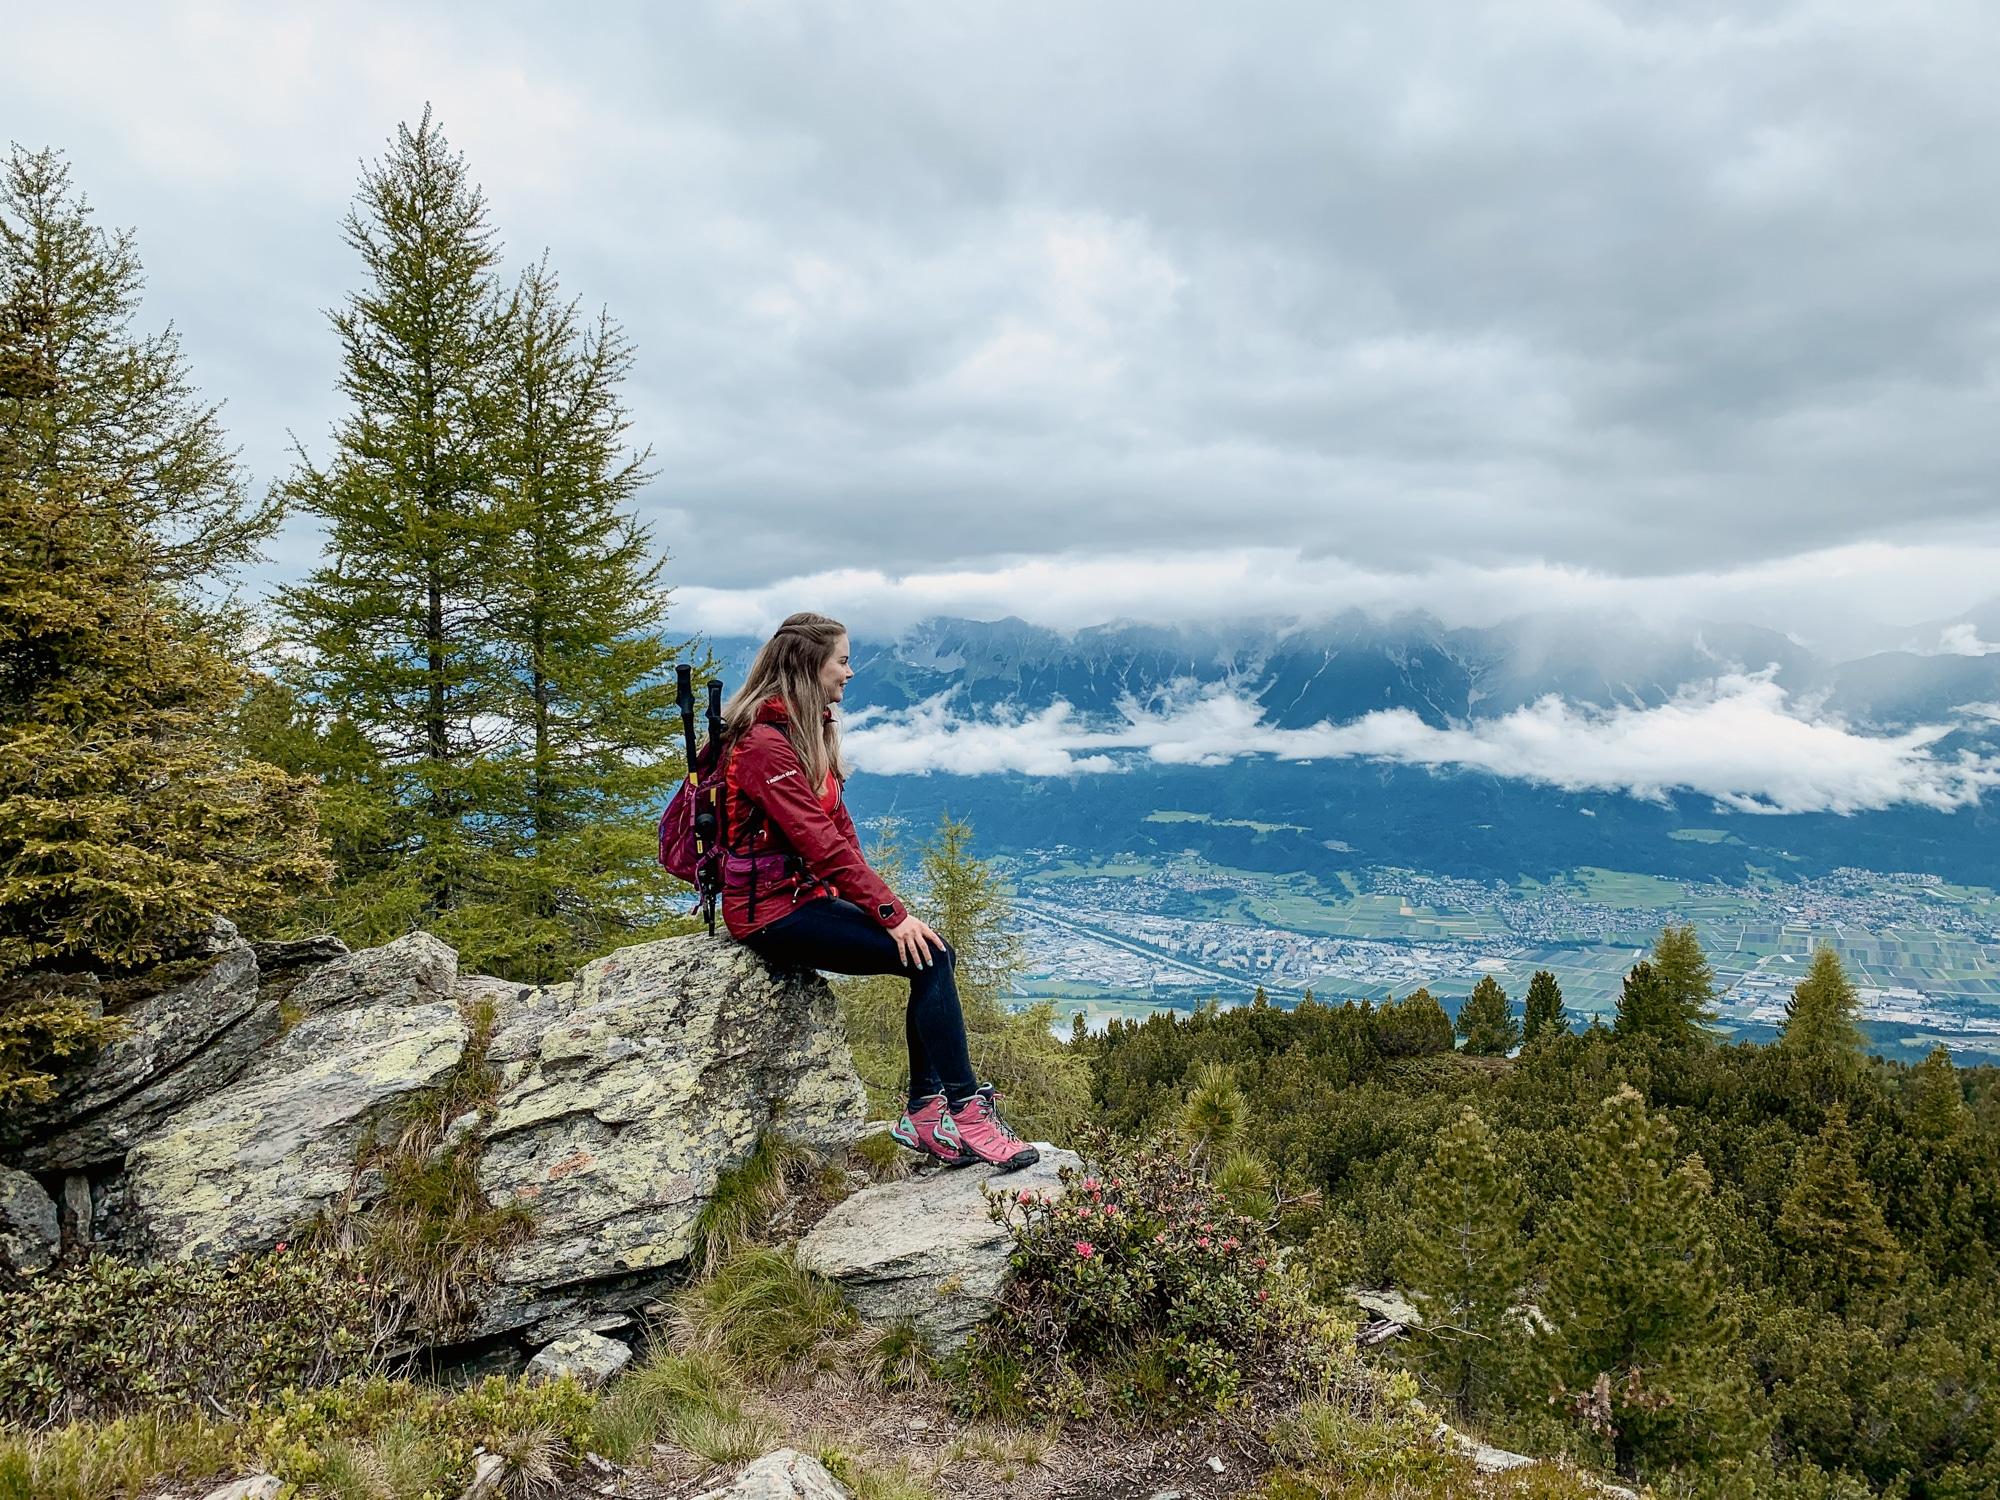 Innsbruck Sehenswürdigkeiten: Top Ten Highlights und Tipps für die Stadt - Zirbenweg